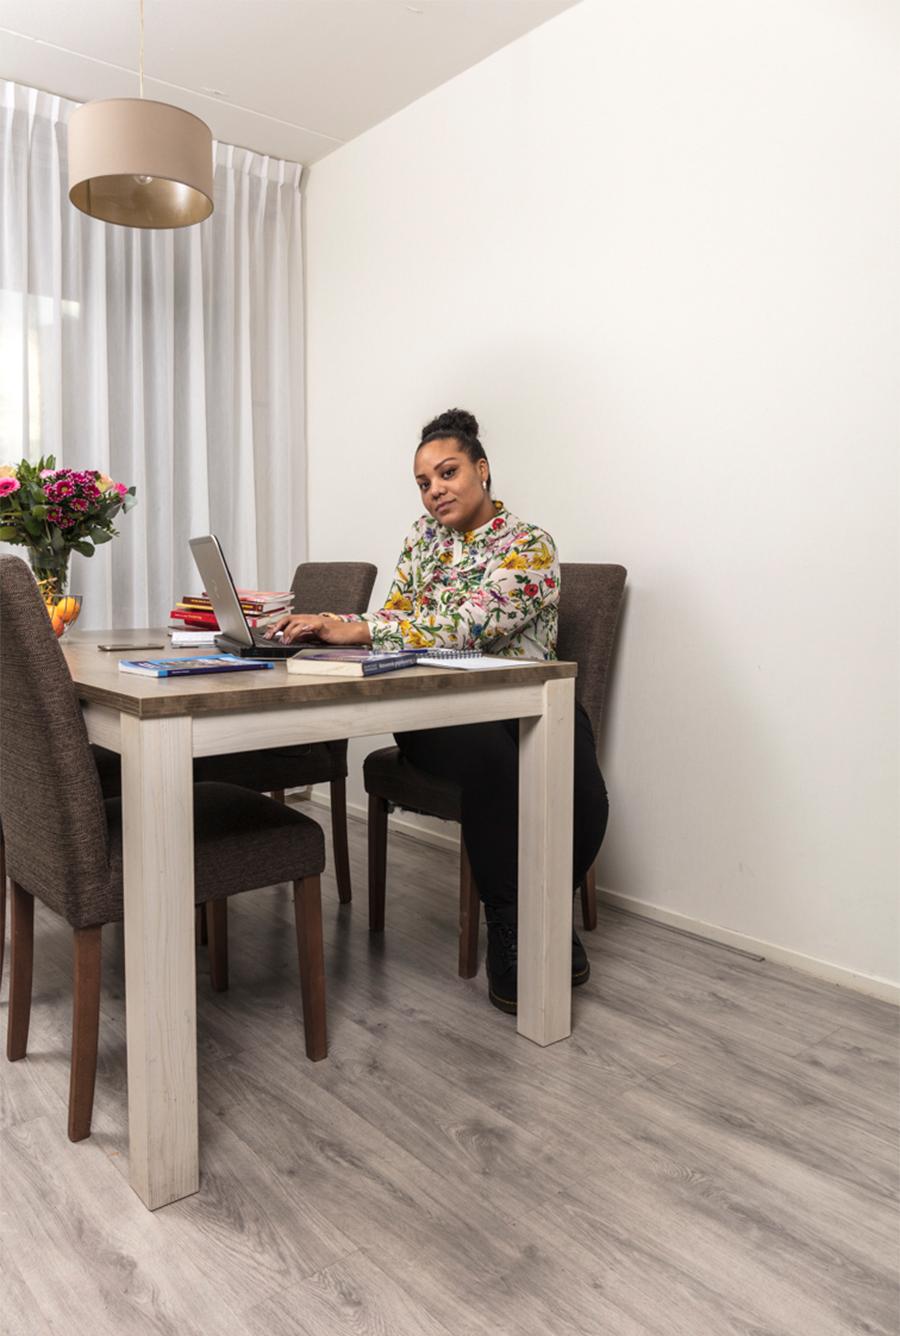 Omara achter haar laptop in de woonkamer. Ze hoopt eindelijk af te studeren